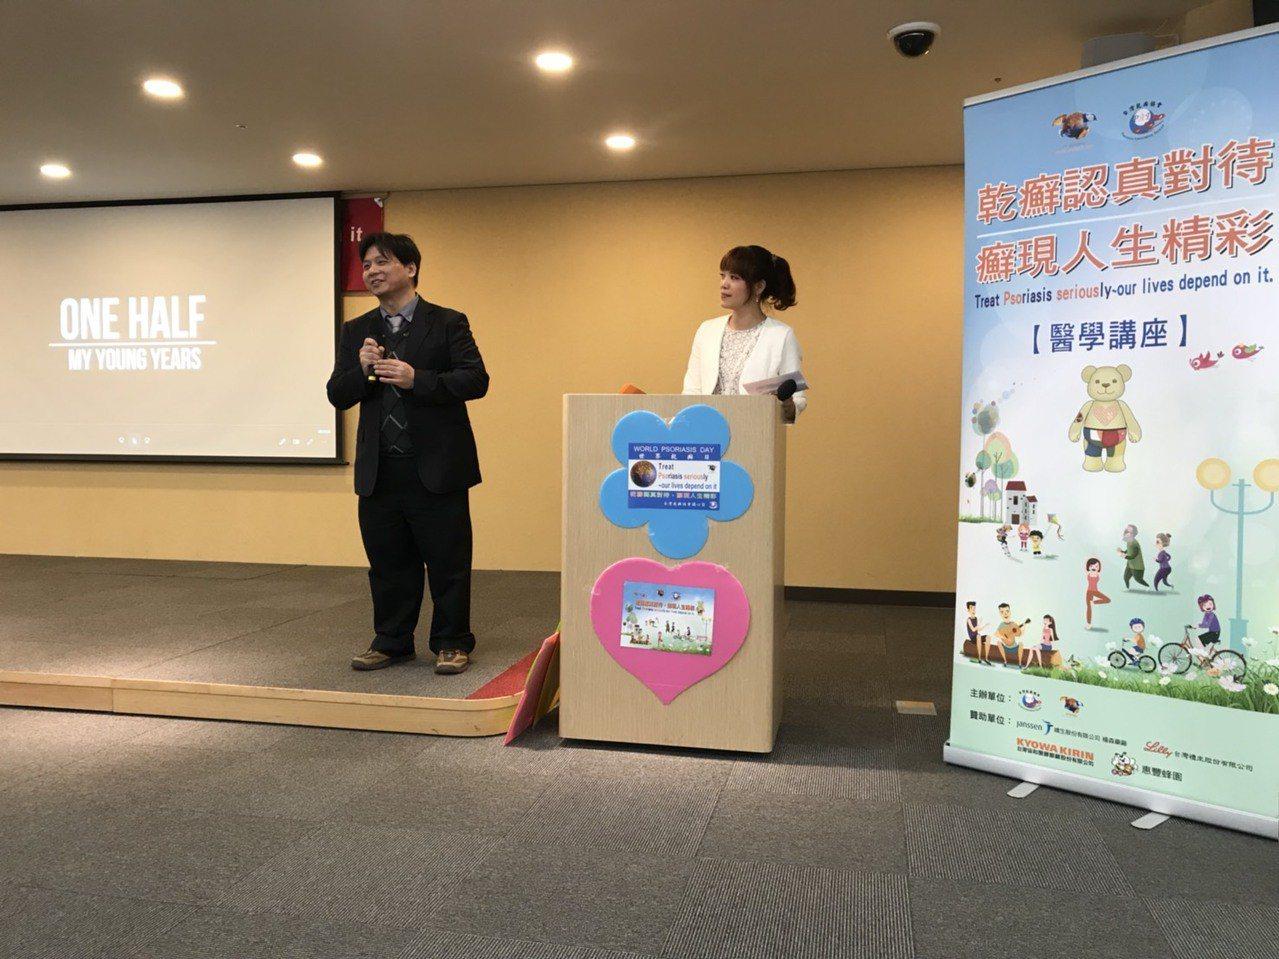 台灣乾癬協會理事長柯怡謀(圖左)呼籲政府能對於台灣乾癬患者的相關疾病投入更多資源...